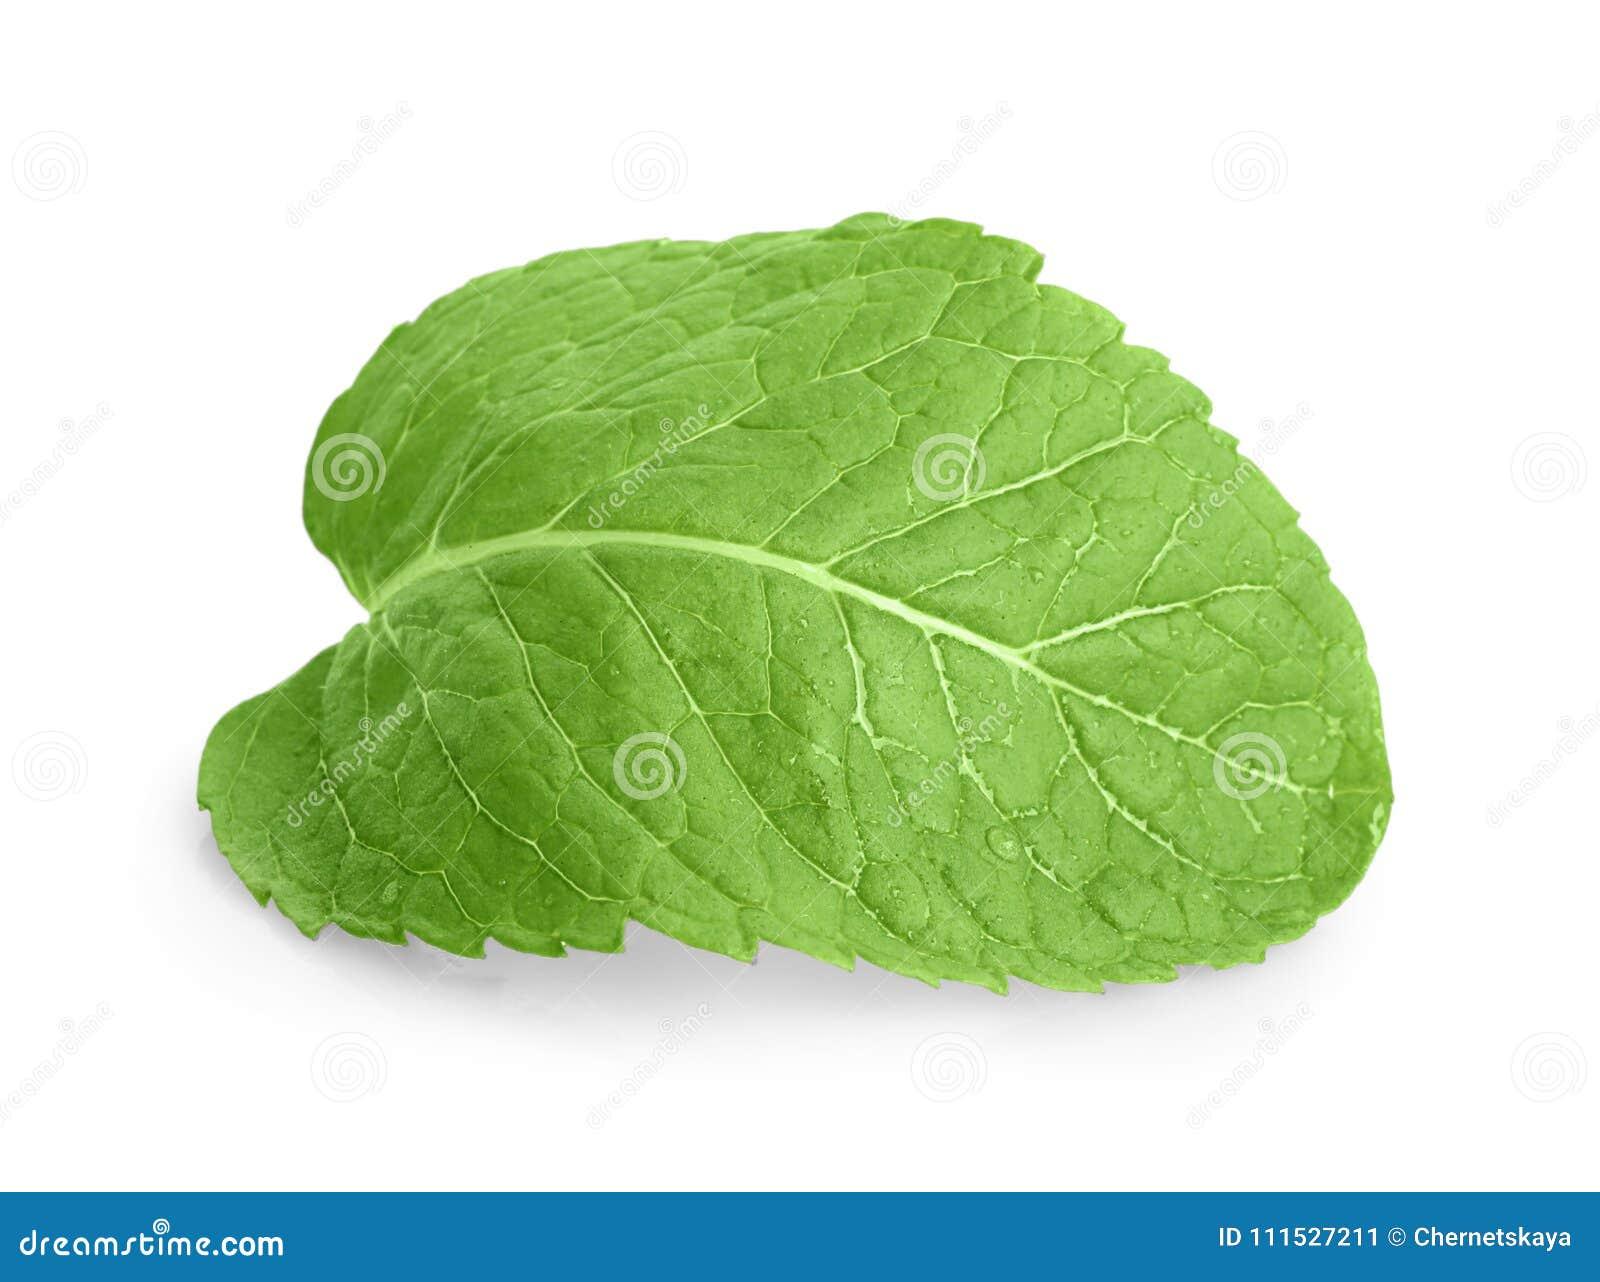 Fresh lemon balm leaf